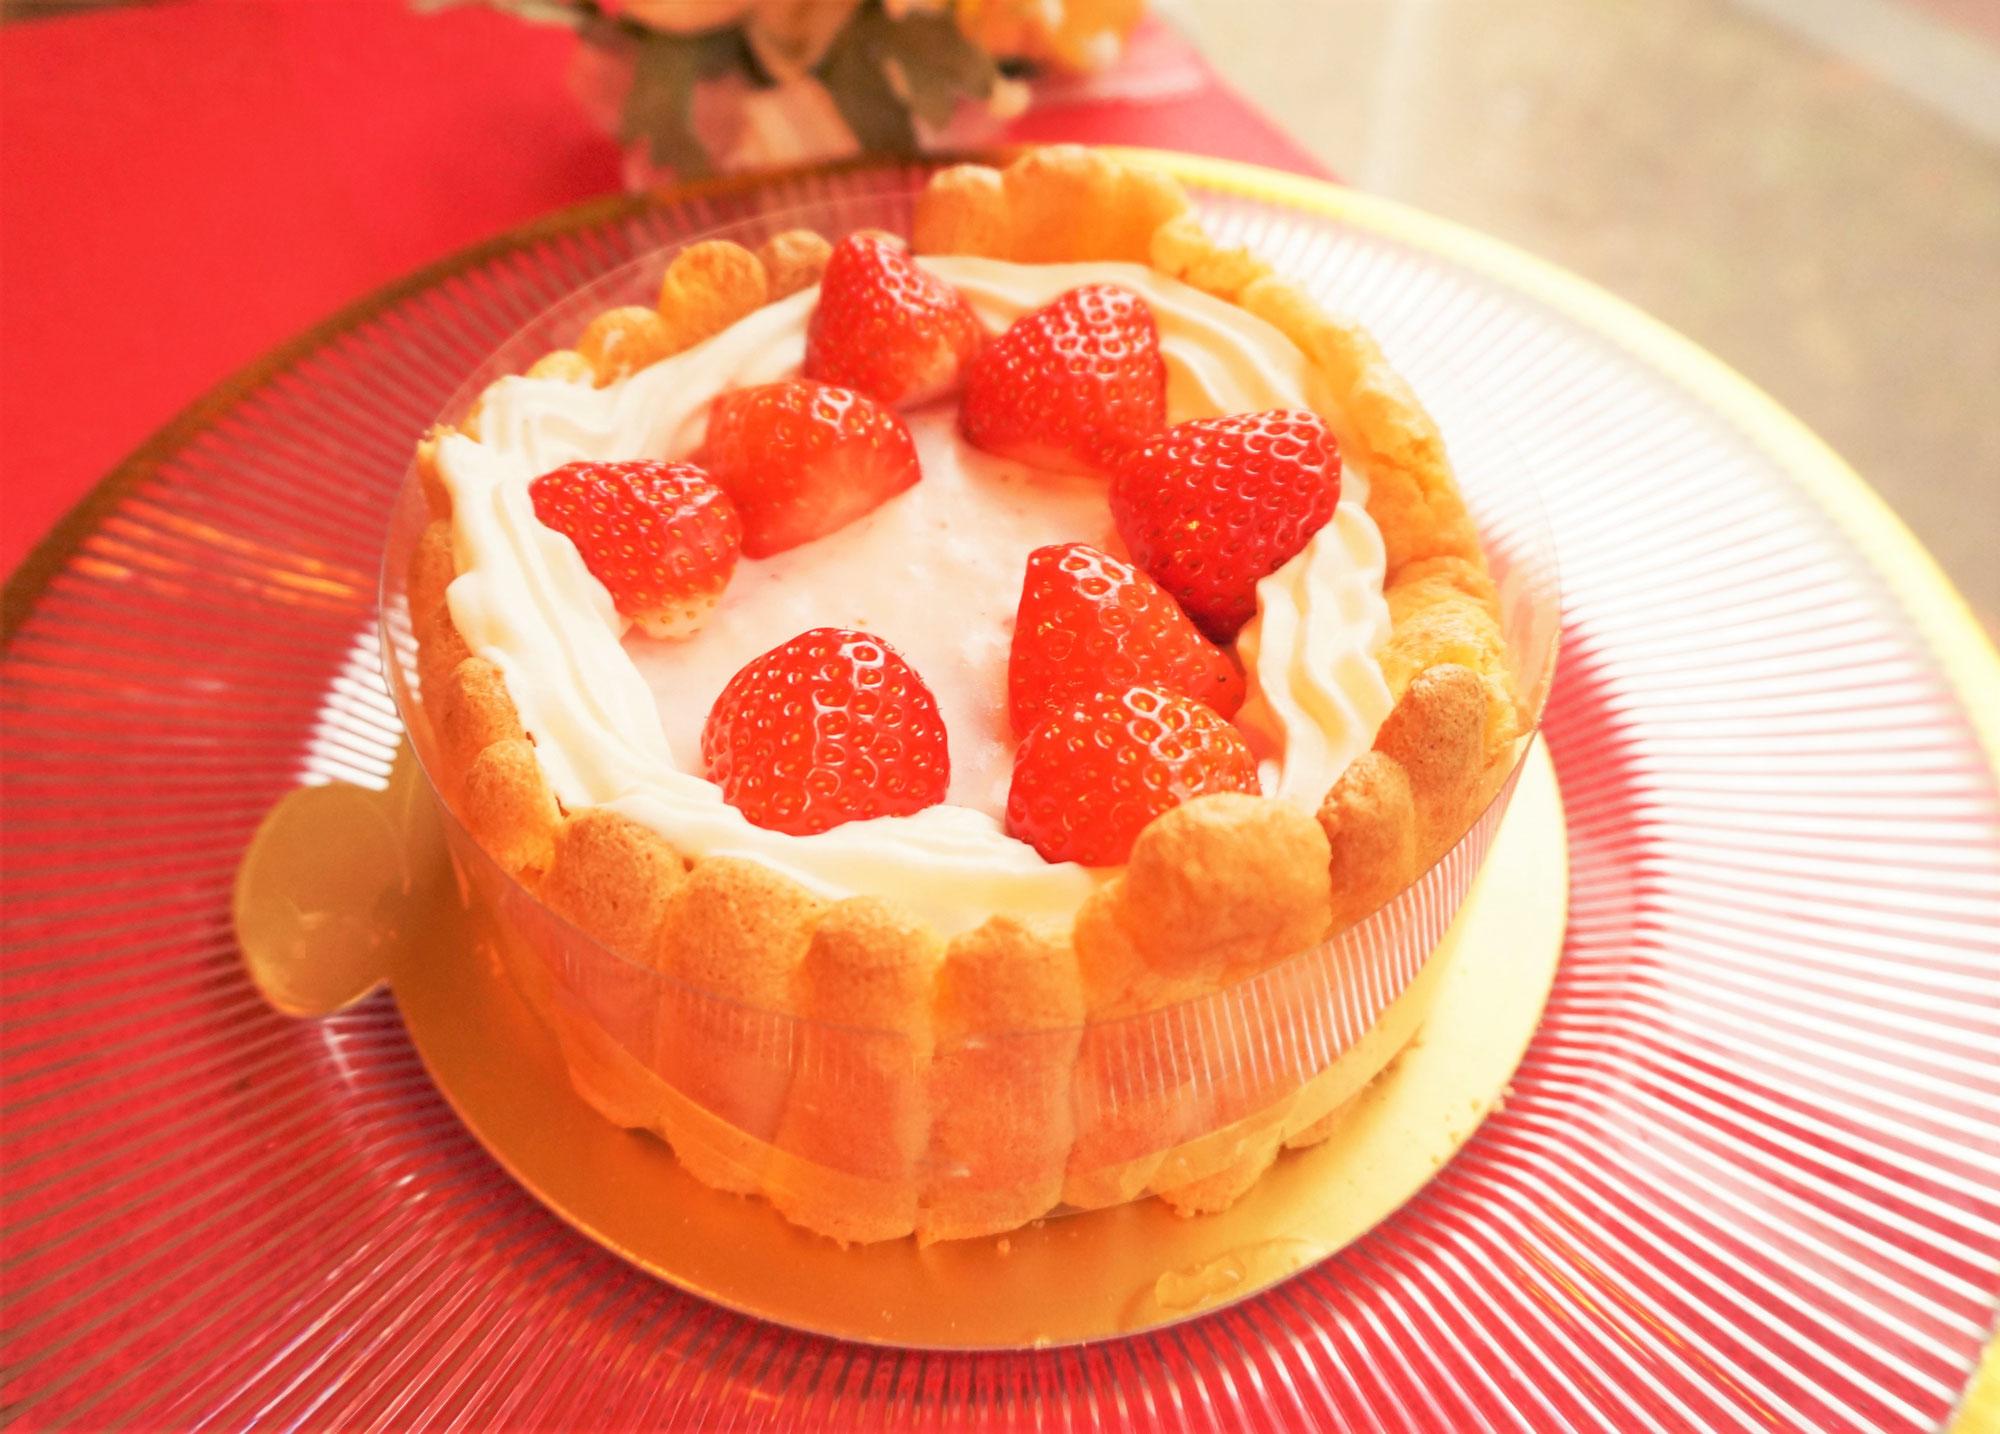 ビスキュイを作れたらお菓子作りの幅が広がる!低糖質スイーツ作り